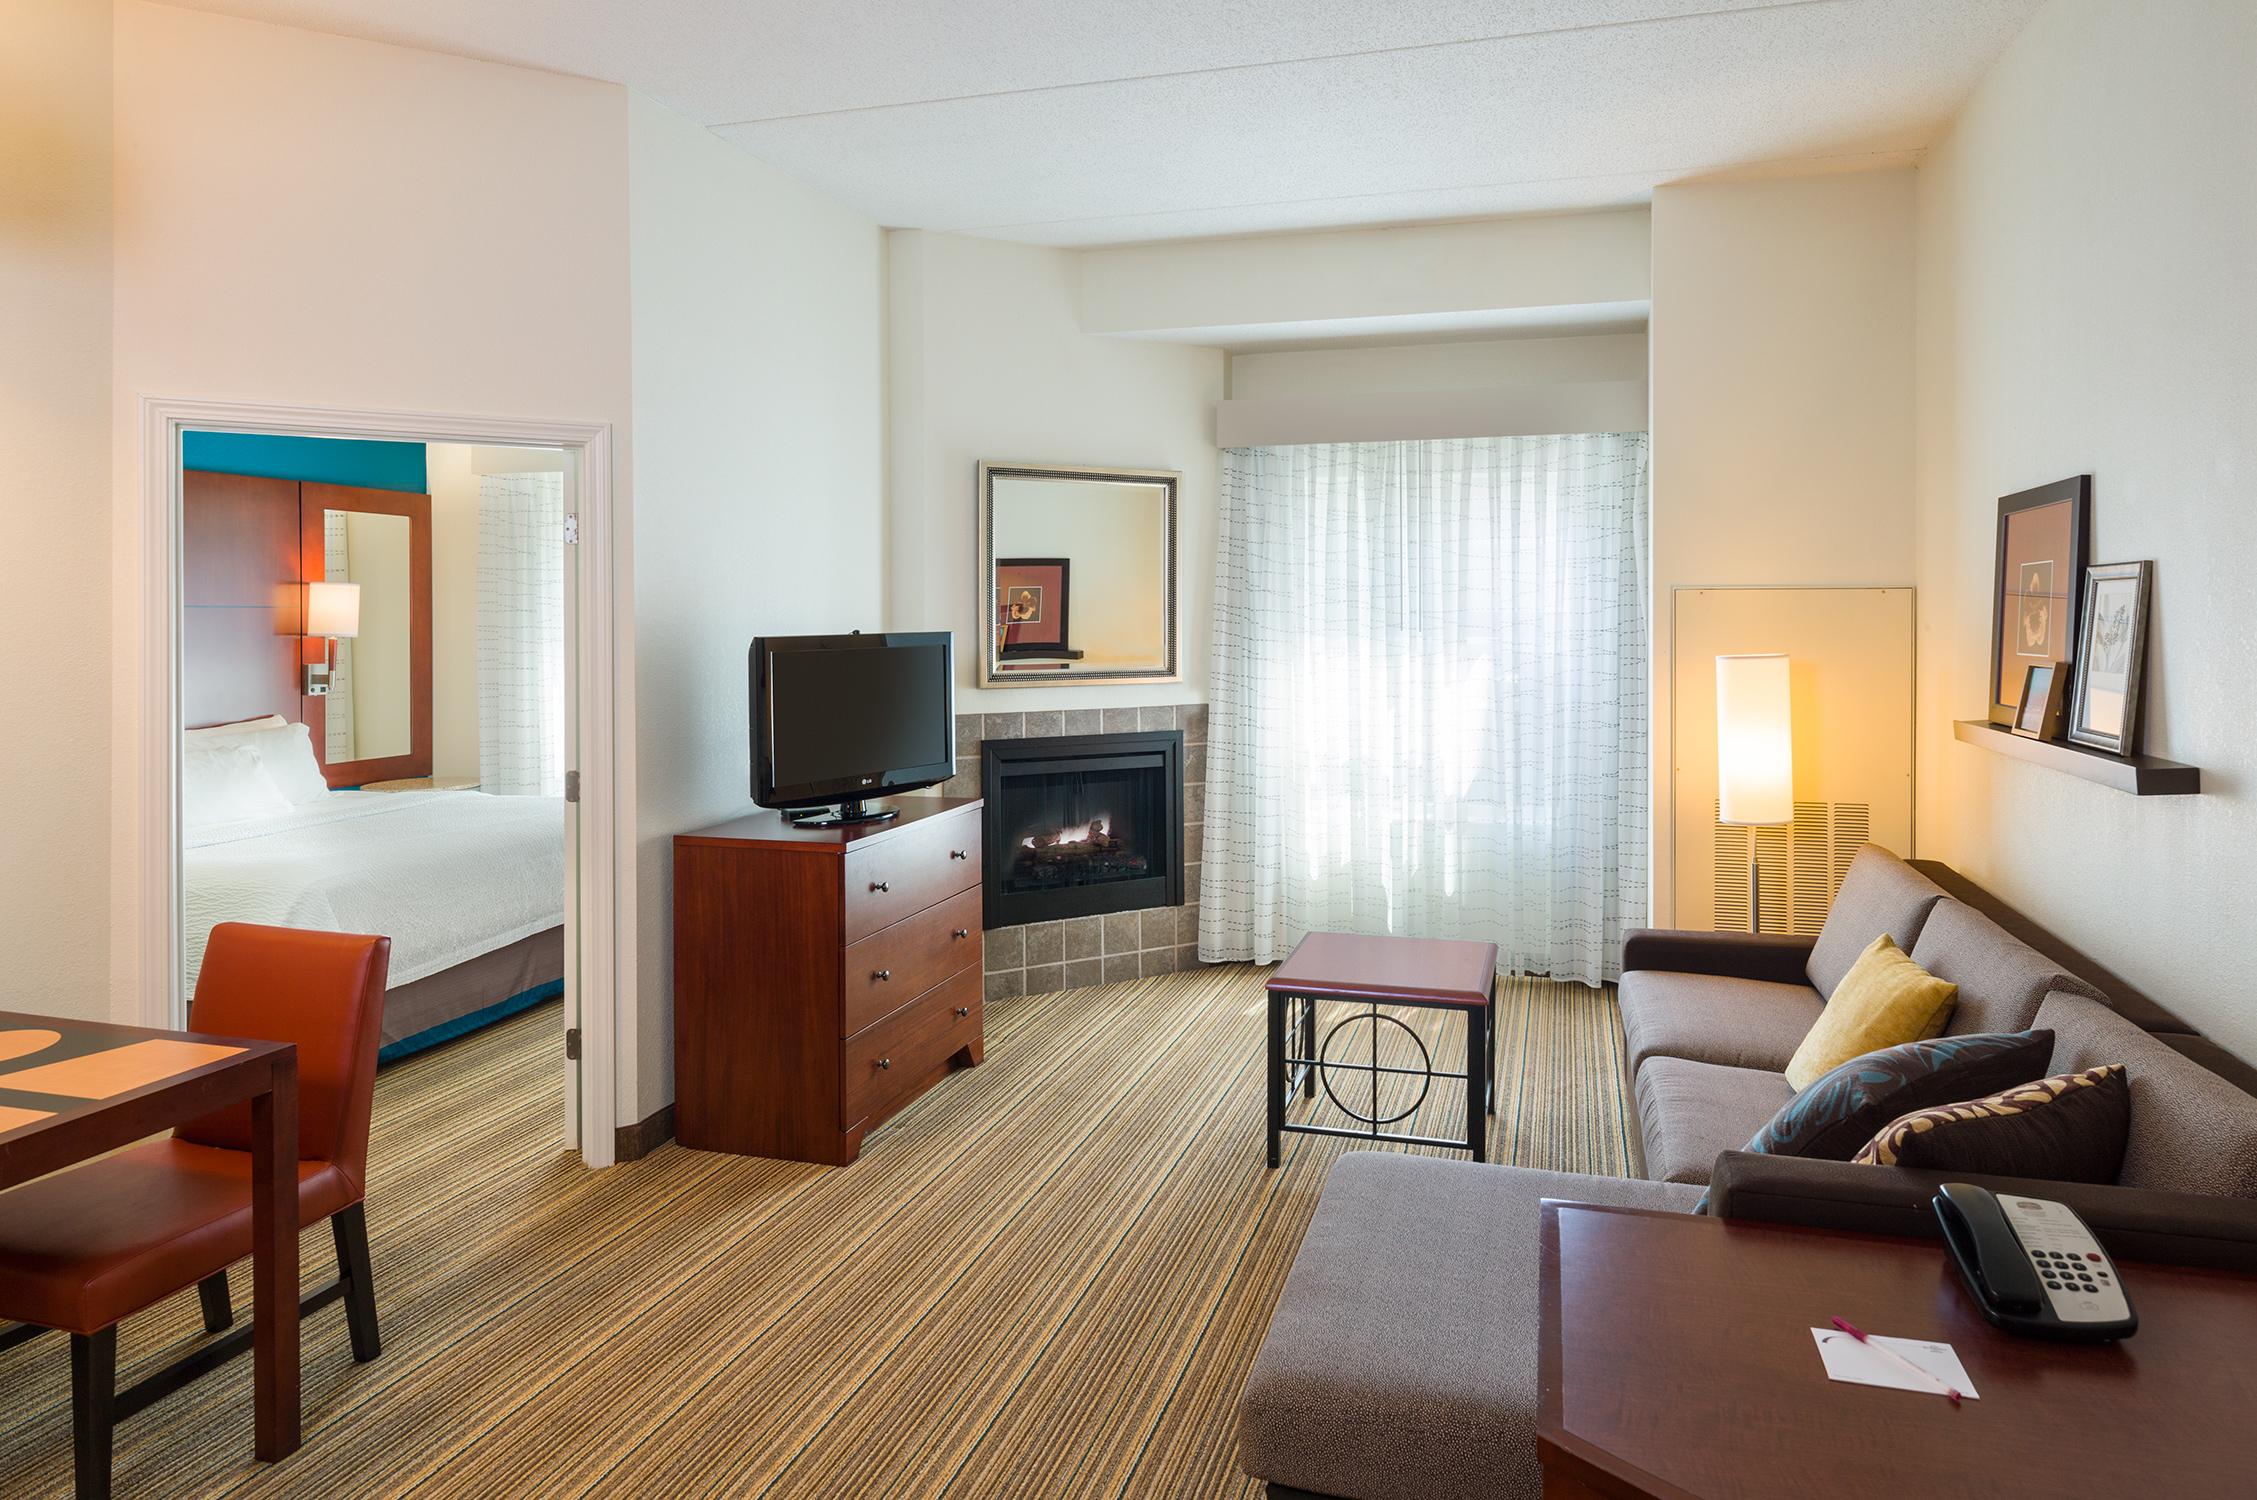 Residence Inn by Marriott Philadelphia Langhorne image 3